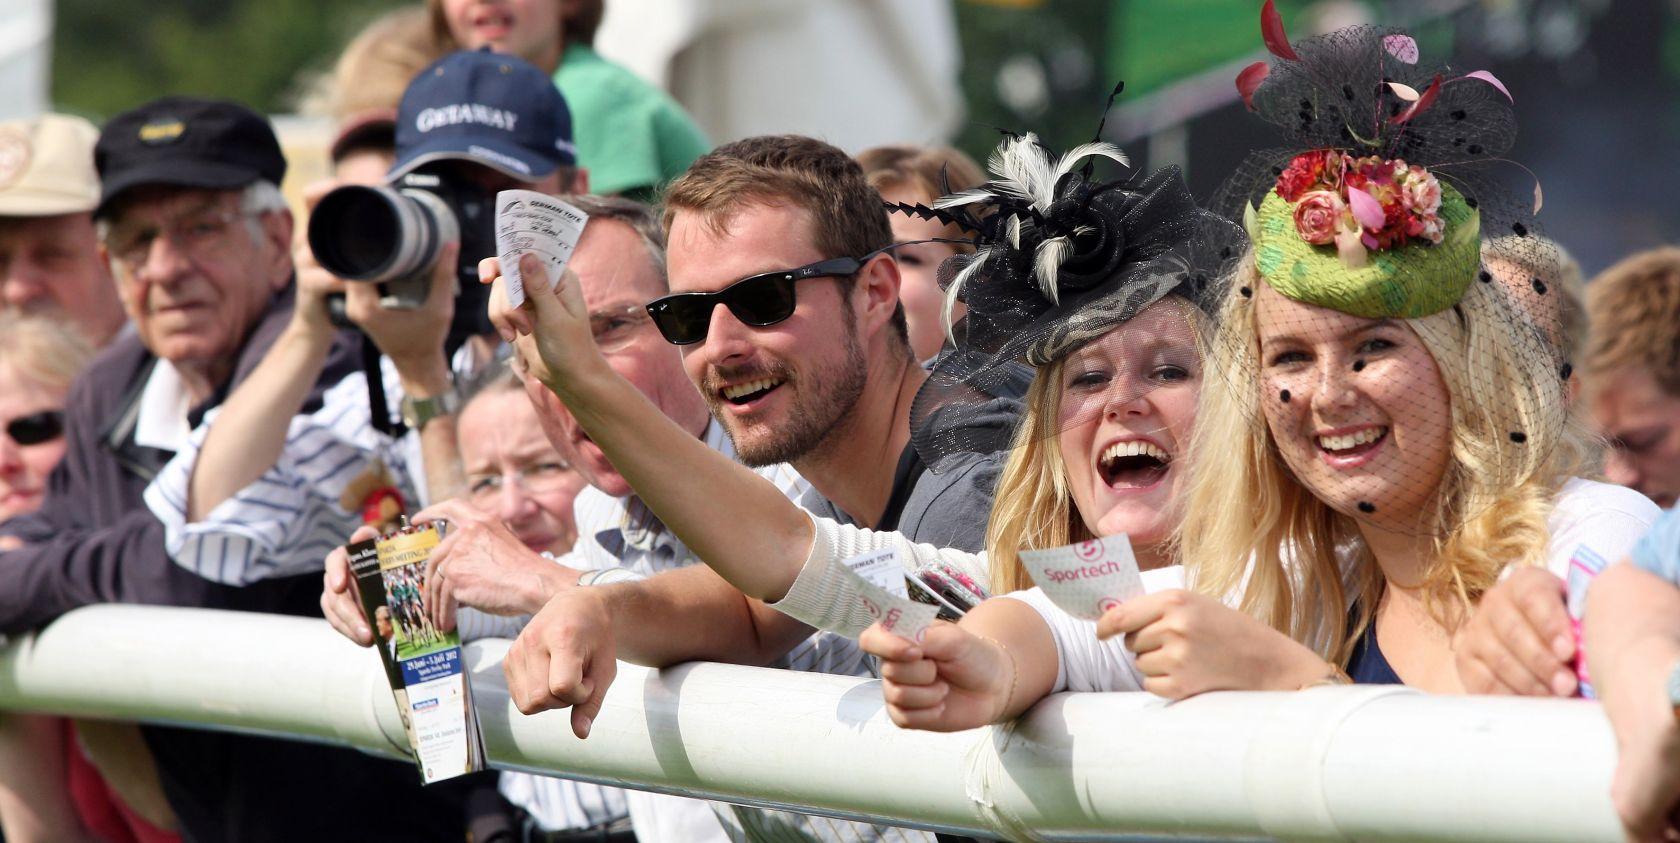 Spannung und tolle Gewinnmöglichkeiten gibt es beim Wetten auf die Pferderennen. Copyright: galoppfoto.de